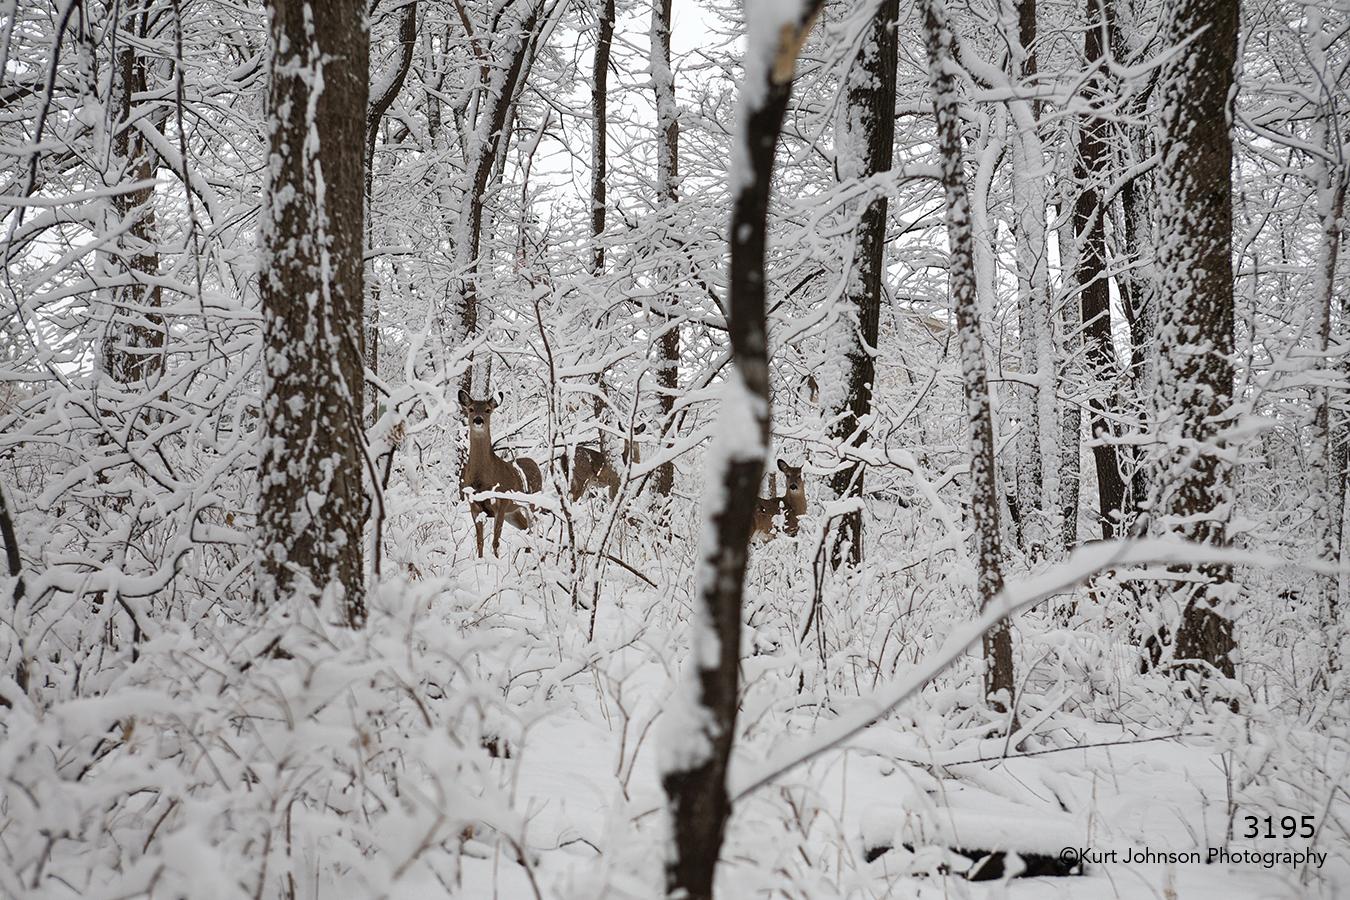 landscape snow deer wildlife forest trees